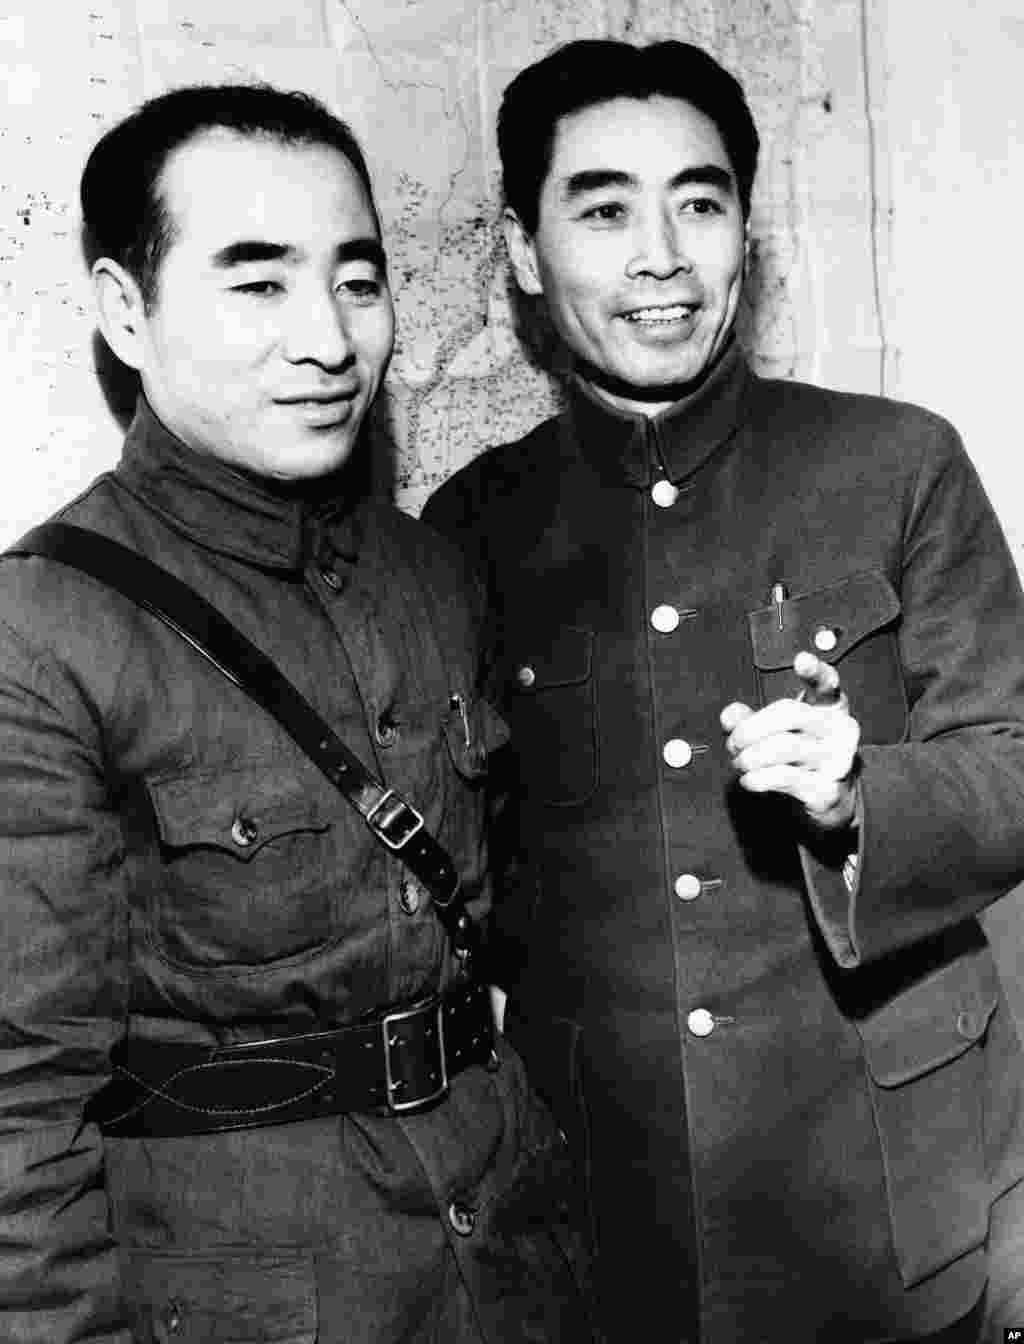 1943年5月6日,身穿国军军服的林彪将军和周恩来。 两人在文革中关系良好,直到林彪失势。周恩来的地位在文革前一直在林彪之上,后来林彪跃升为毛的接班人,而周恩来继续是第三号领导人,避开了在专制体制和强人手下当第二把手和接班人的结构性风险:接班人不强大则无法接班,如同毛泽东一度选择的王洪文;而太强大则功高震主,势大压主,名高盖主,被主上担心抢班夺权而加以打压,如刘少奇和林彪。